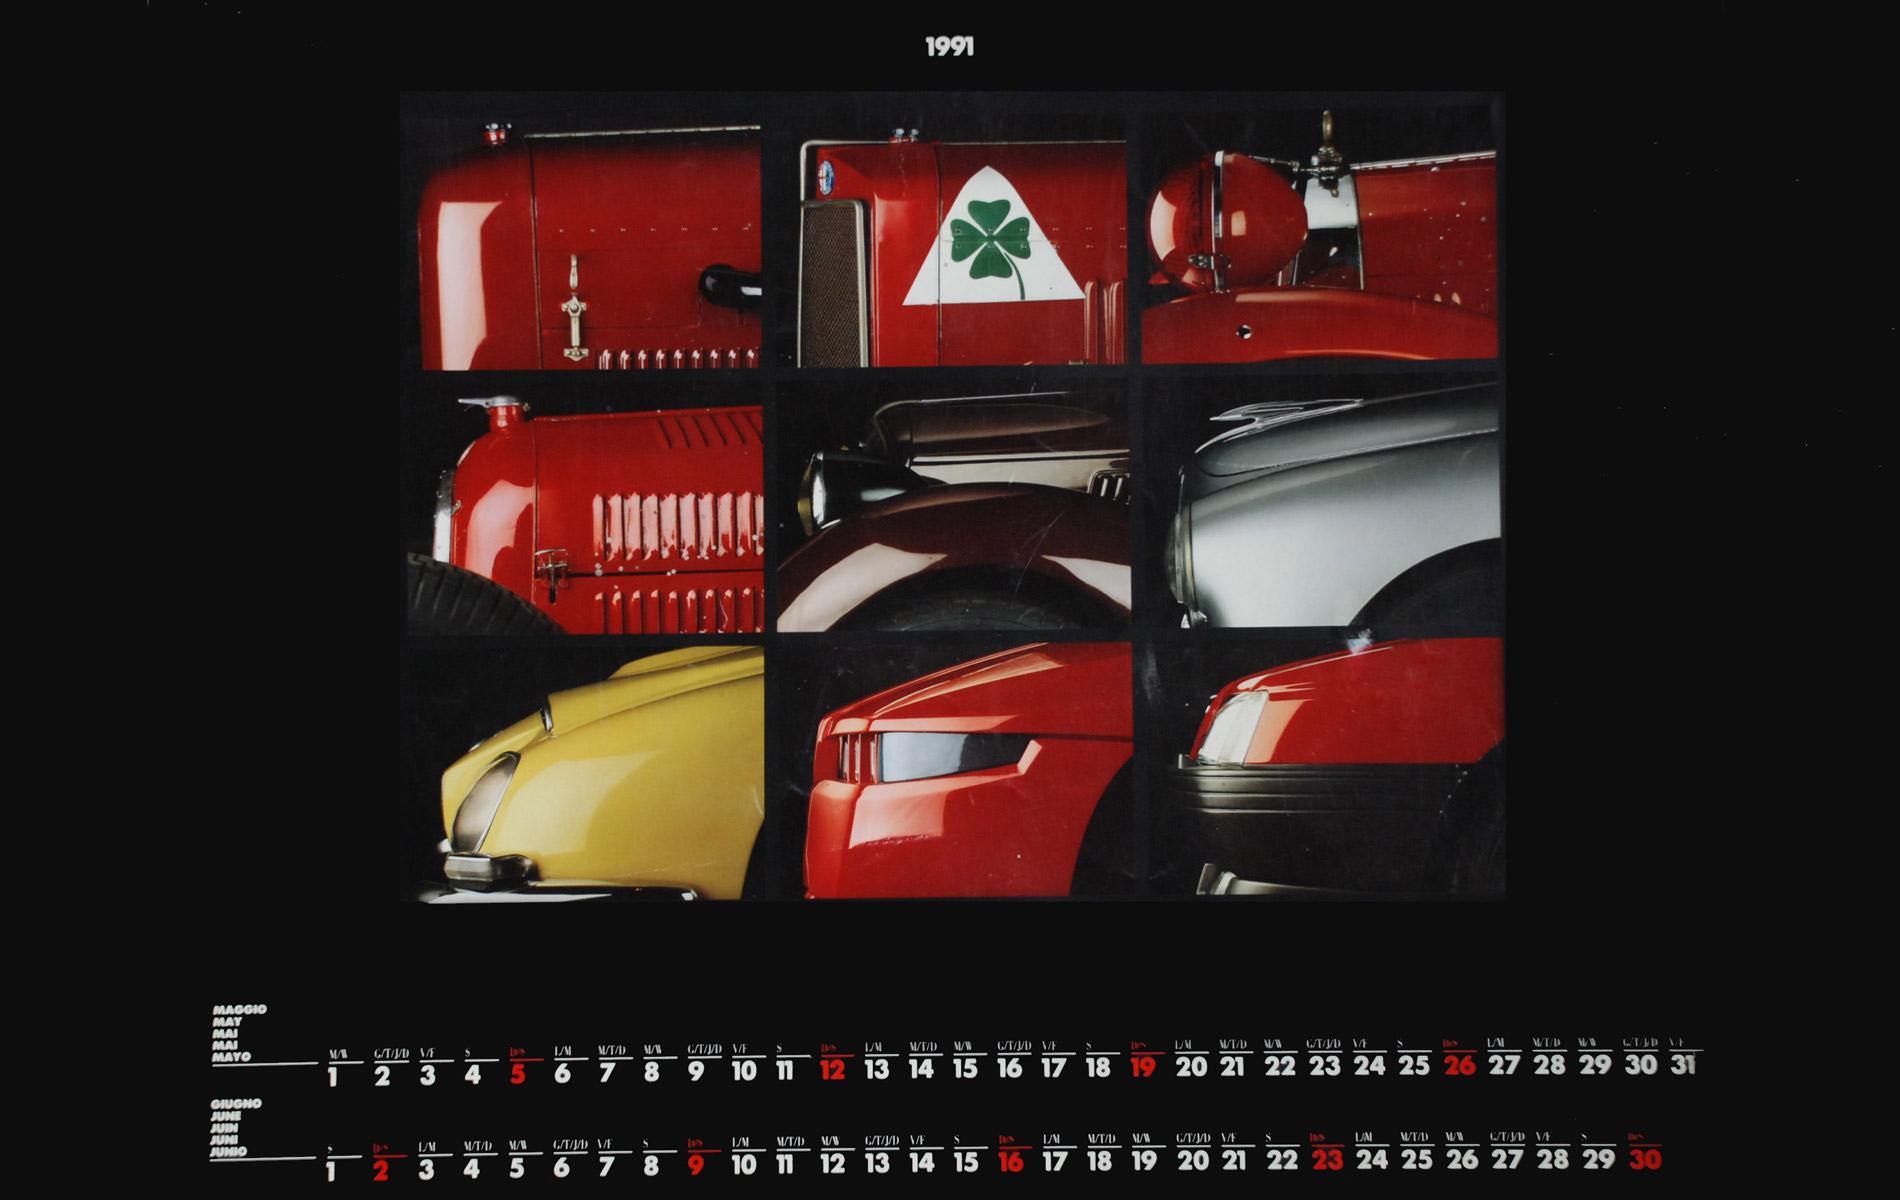 ALFA ROMEO - 1991 CALENDAR - © Graziano Villa